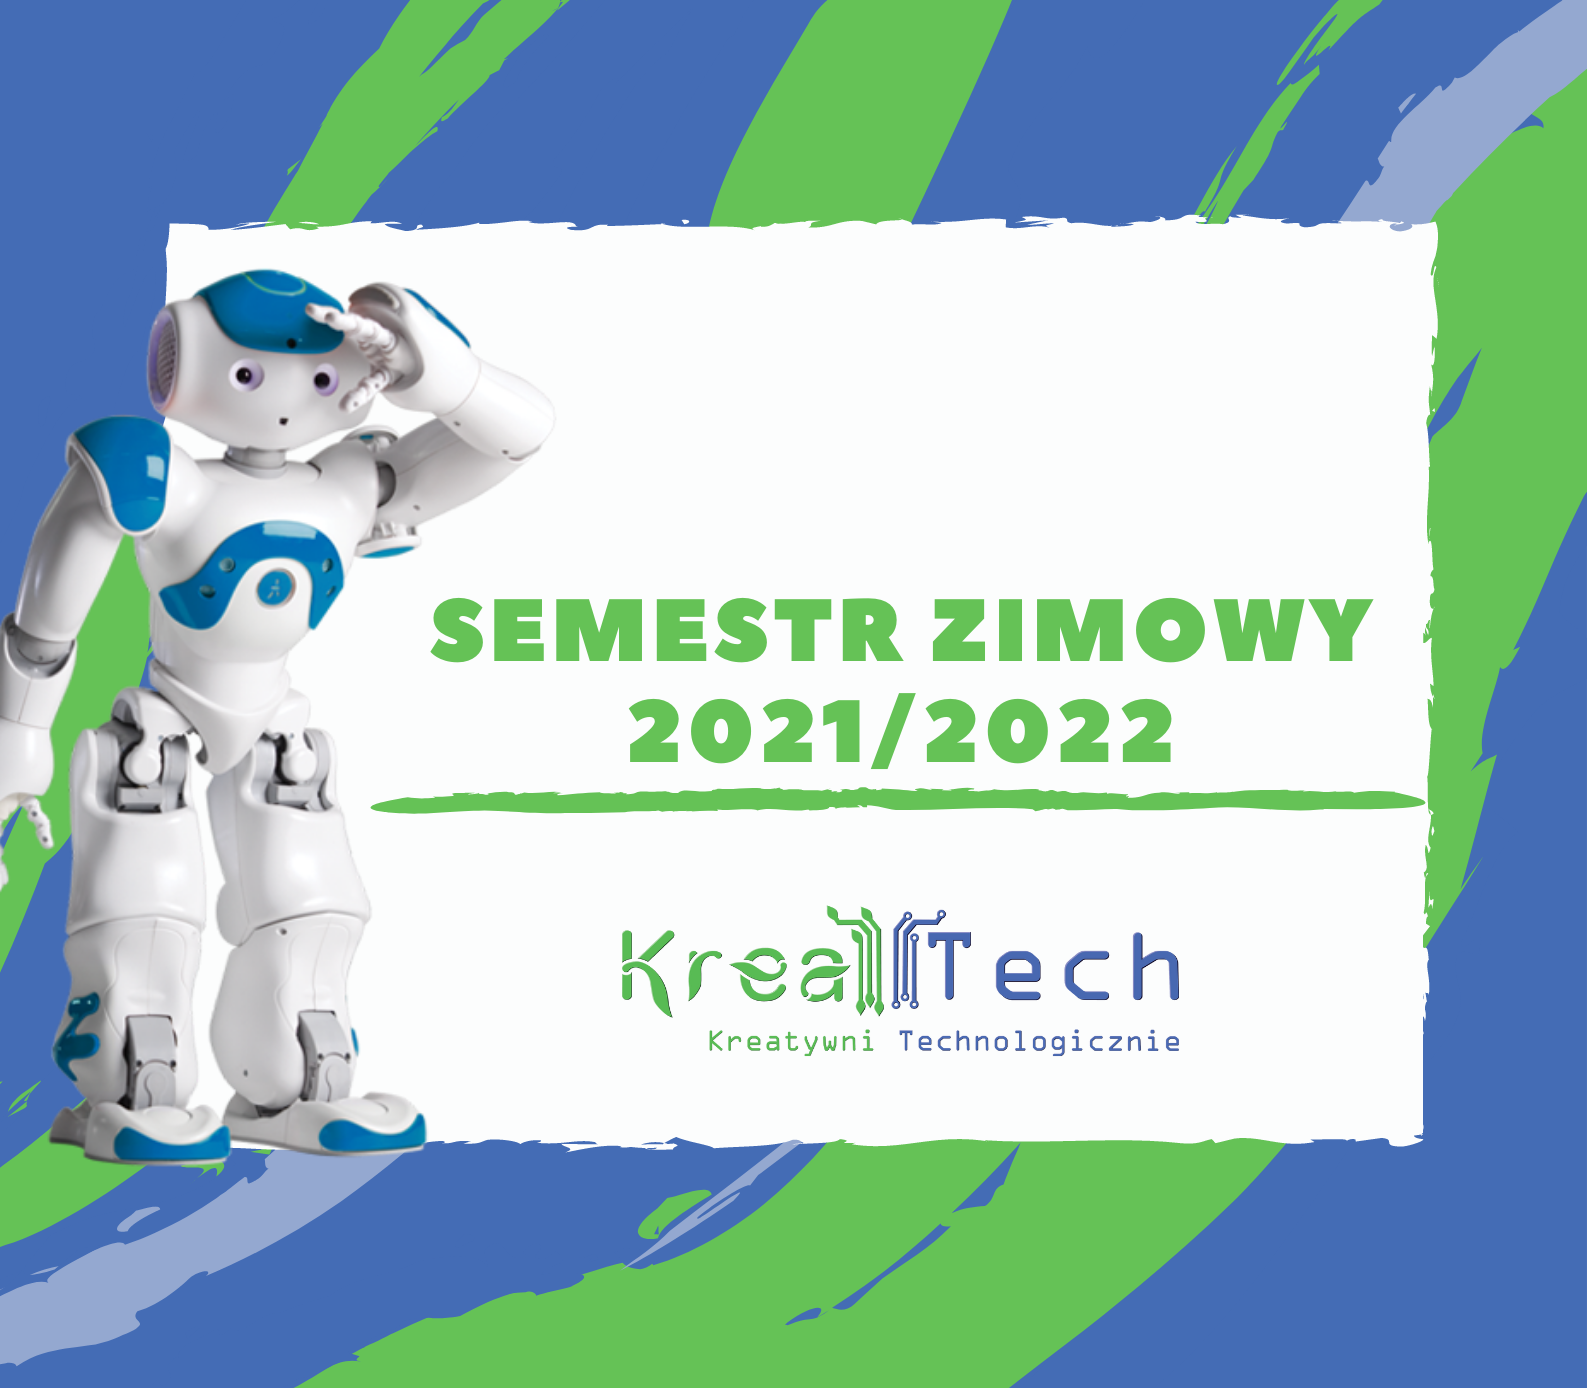 Semestr zimowy 2021/2022